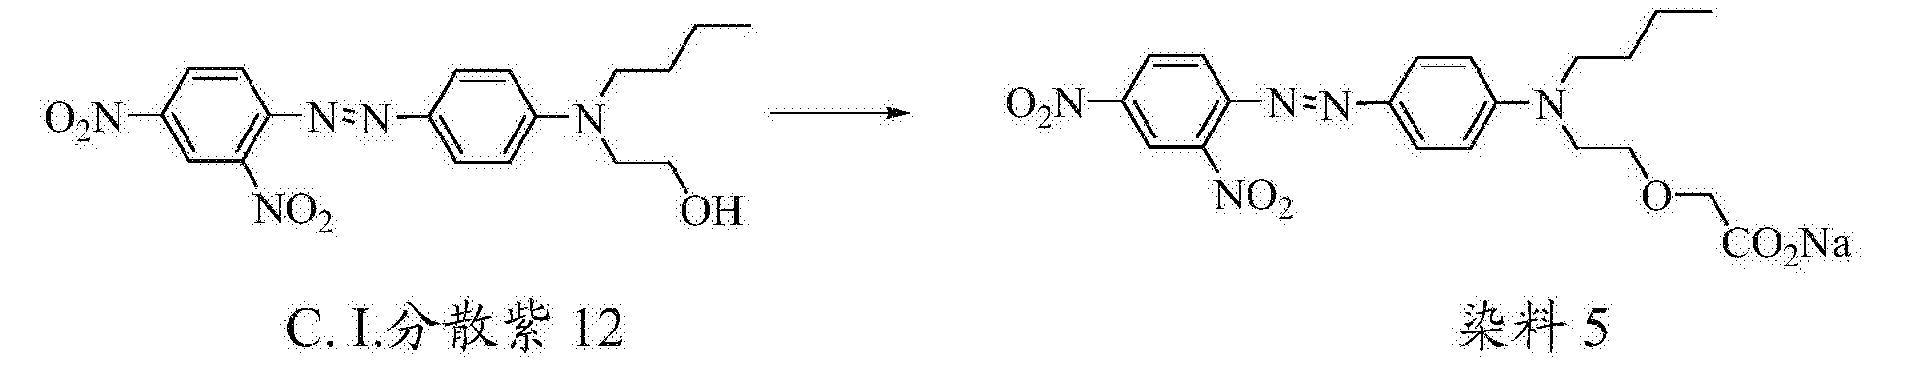 Figure CN104350106BD00204